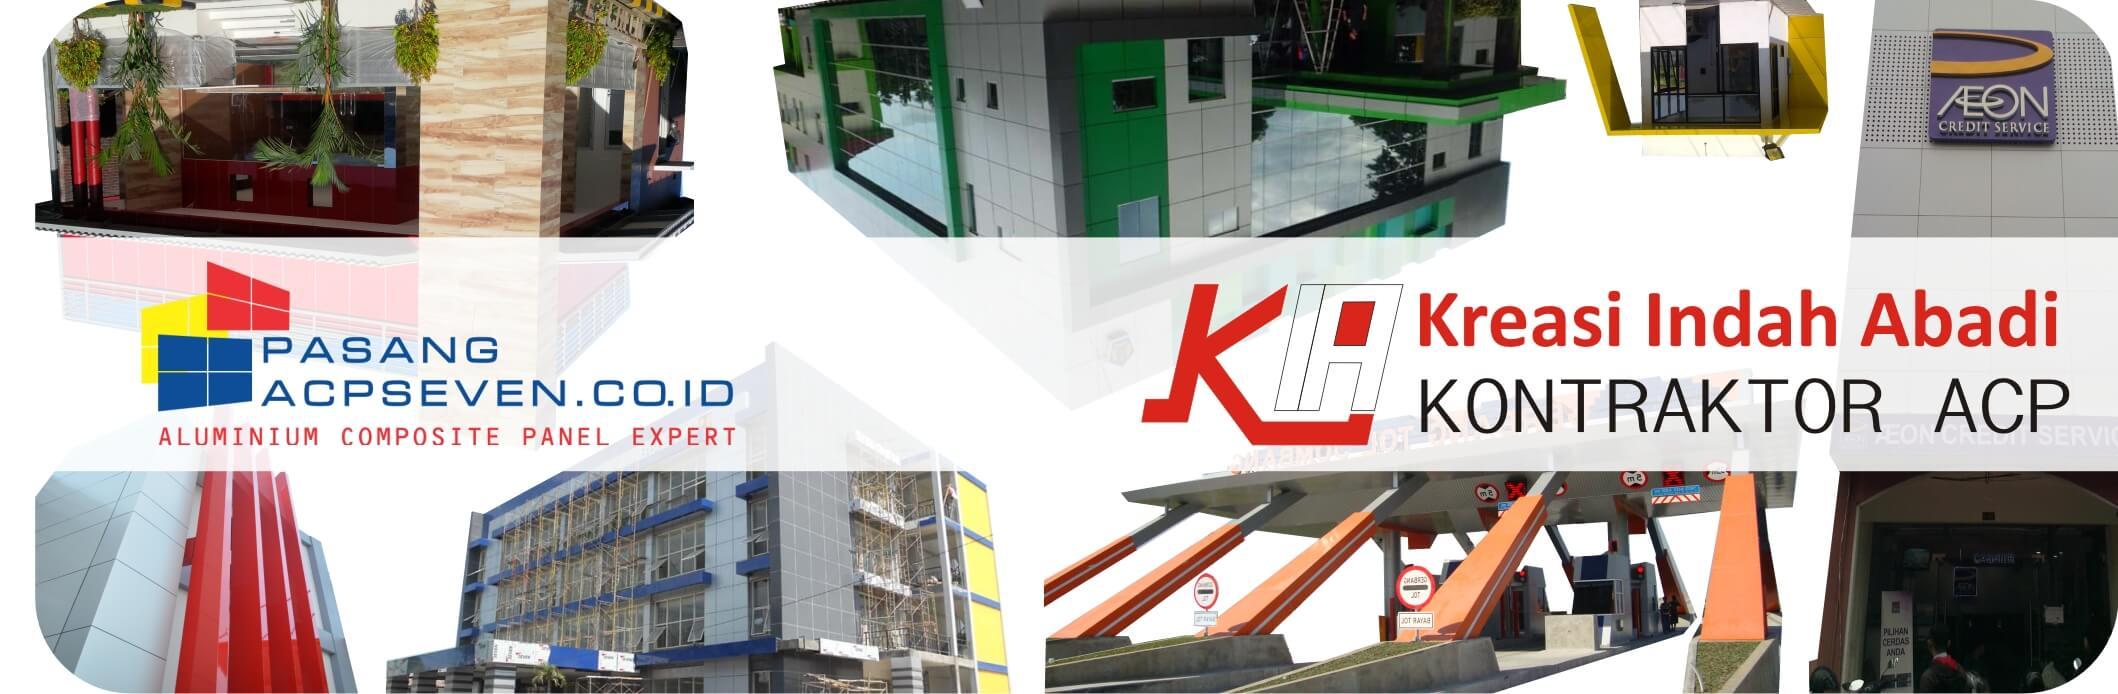 pasang acp seven surabaya, kontraktor aluminium composite panel surabaya, kontraktor aluminium composite panel gresik, kontraktor aluminium composite panel bali